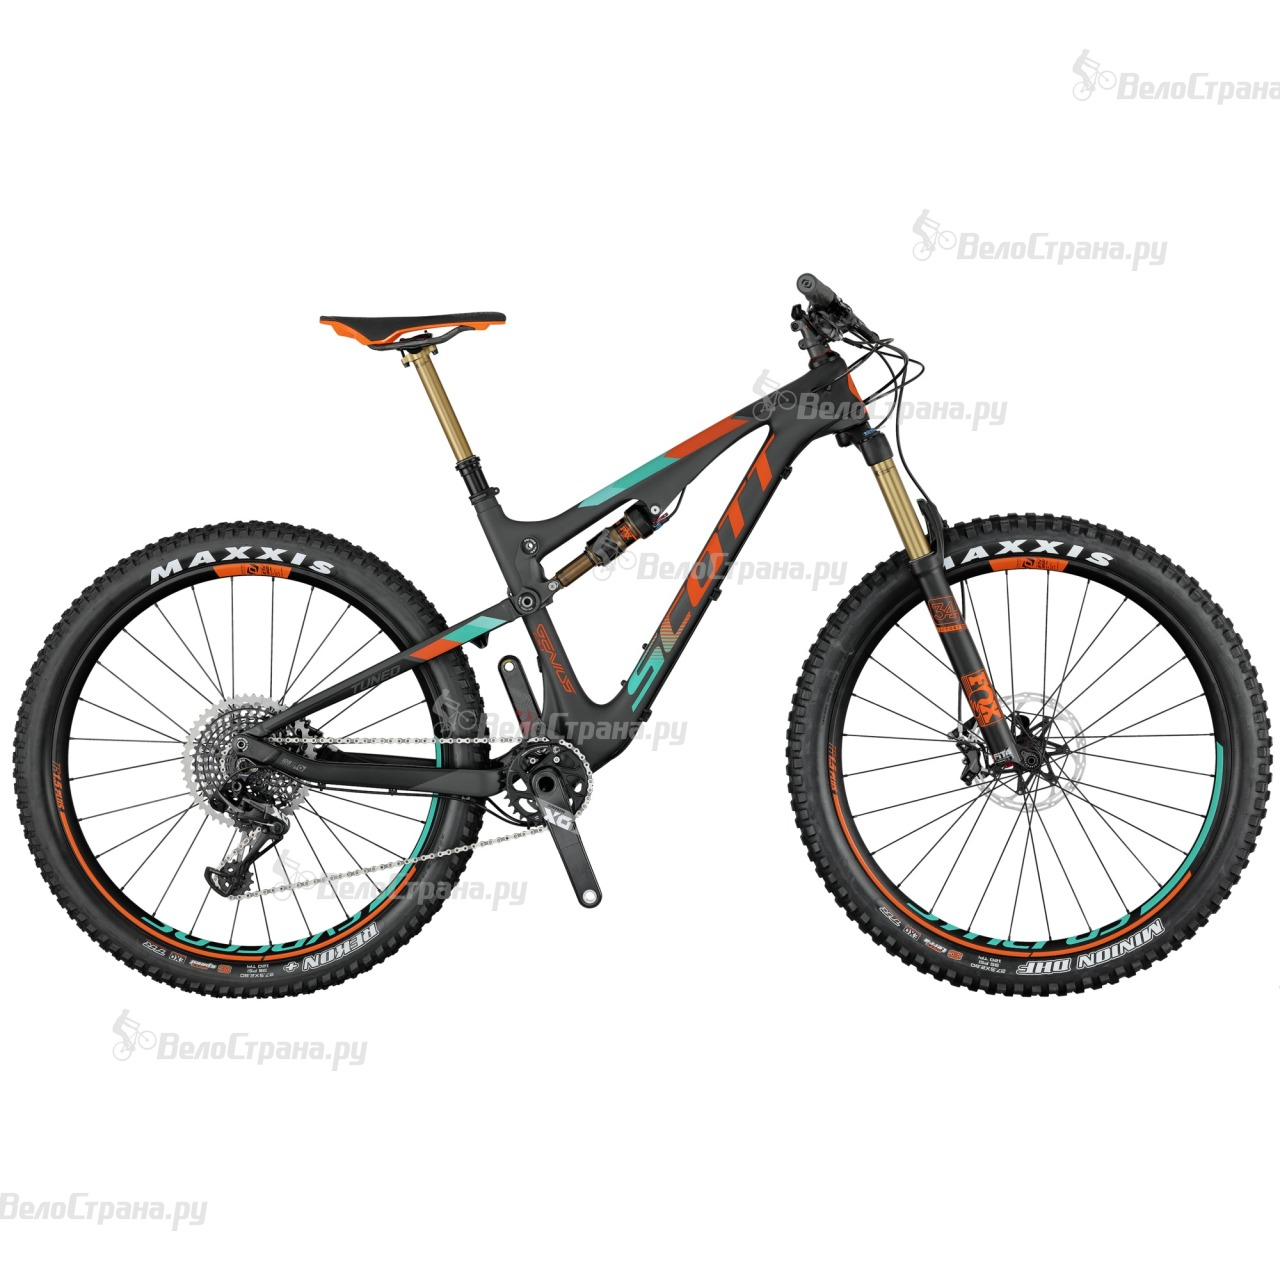 Велосипед Scott Genius 700 Plus Tuned (2017) велосипед scott genius lt 700 tuned plus 2016